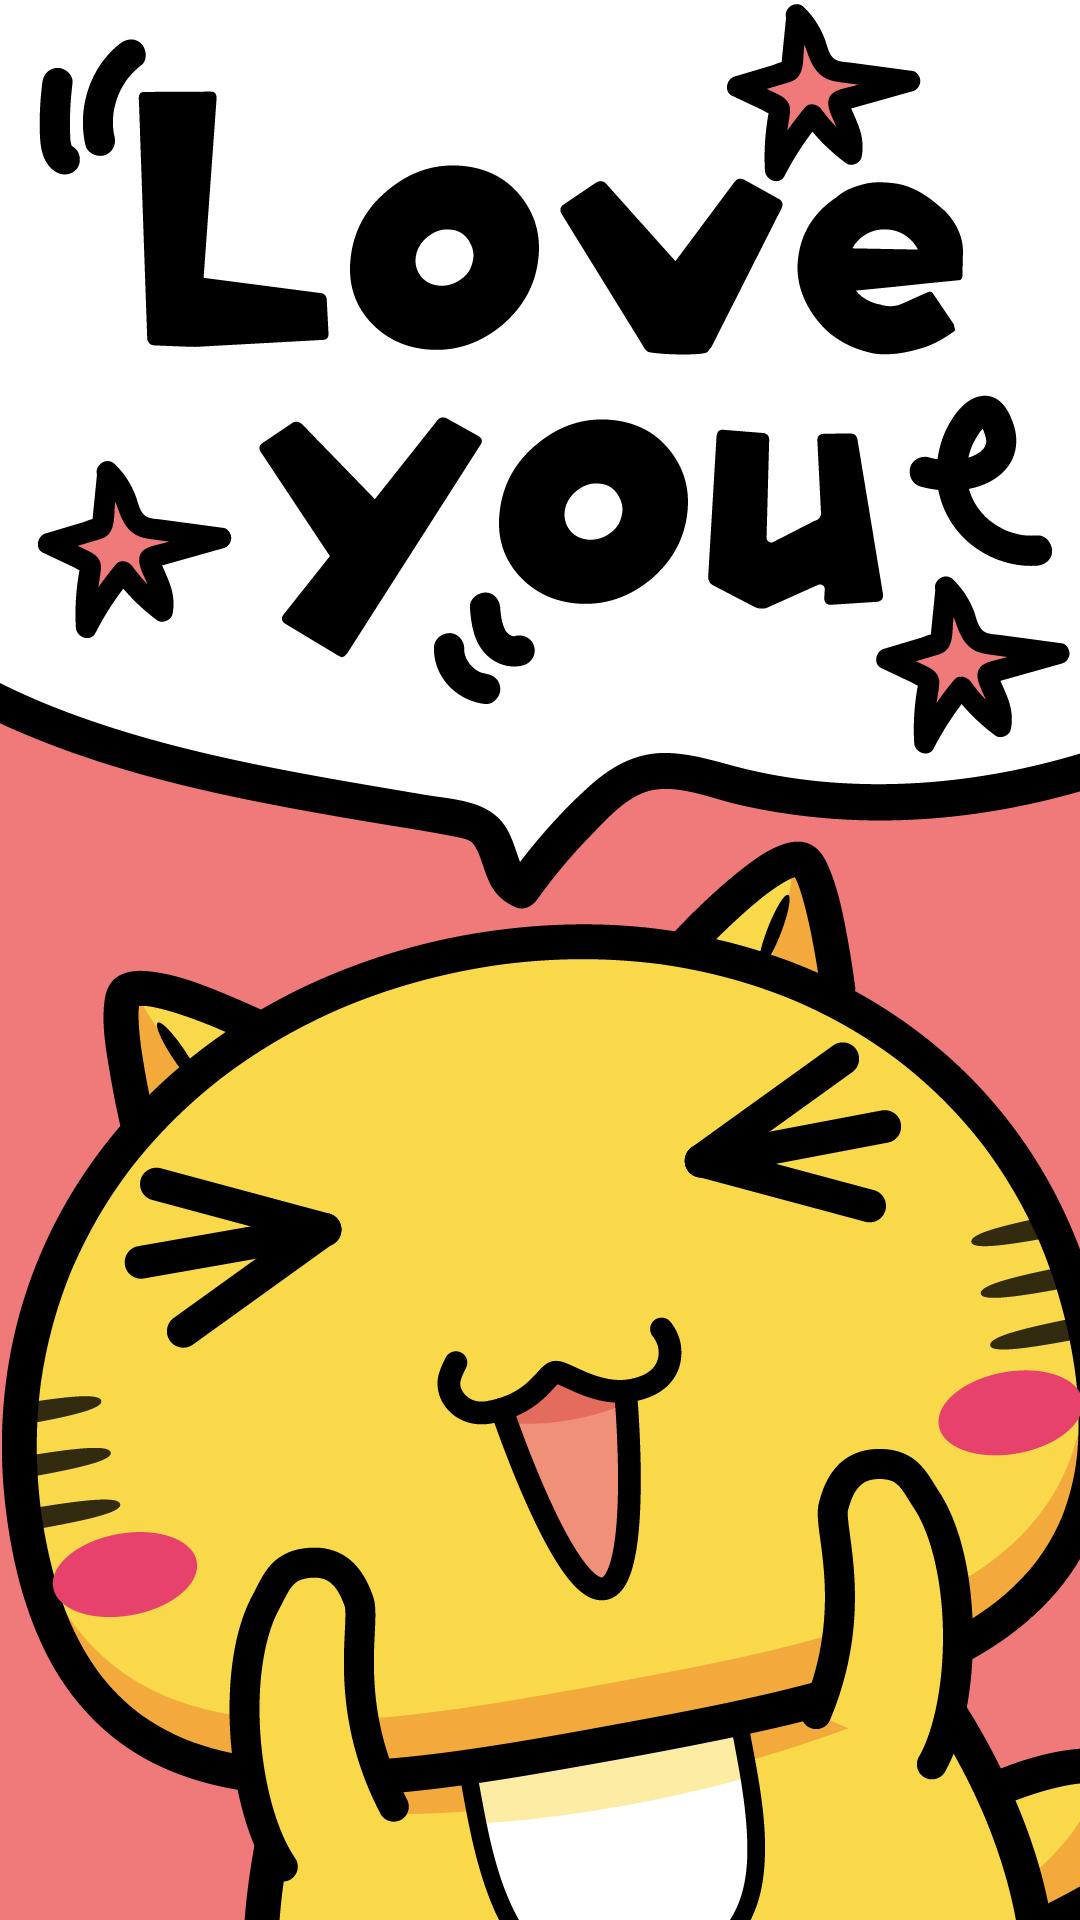 哈咪猫520我爱你